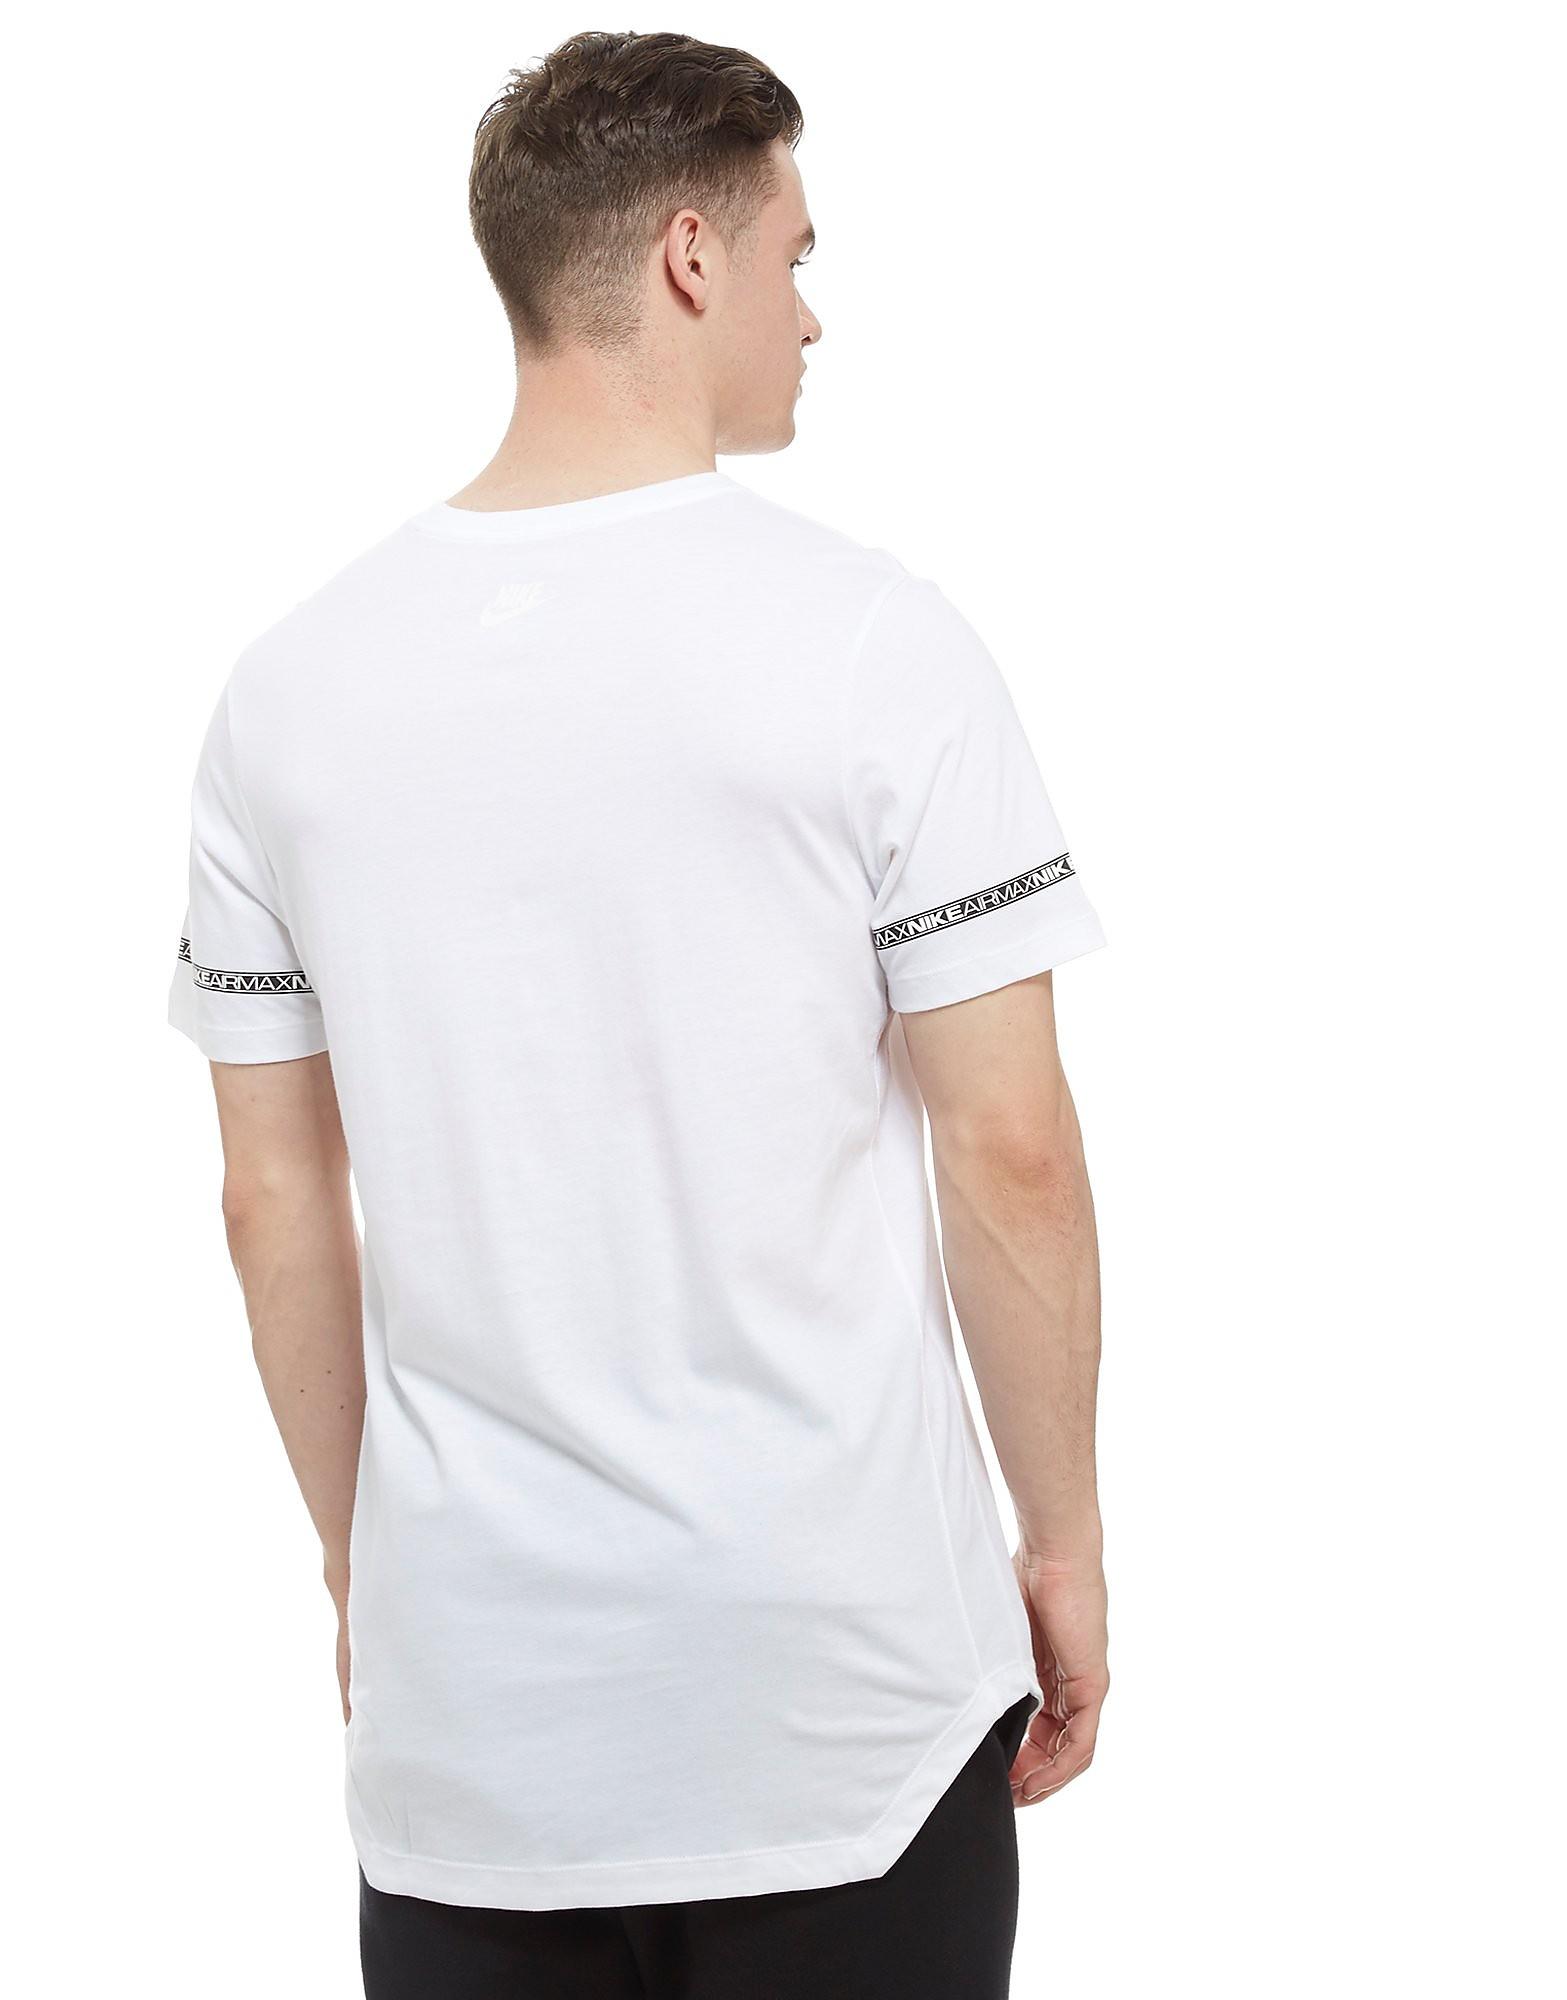 Nike Air Max Kurzarm T-Shirt